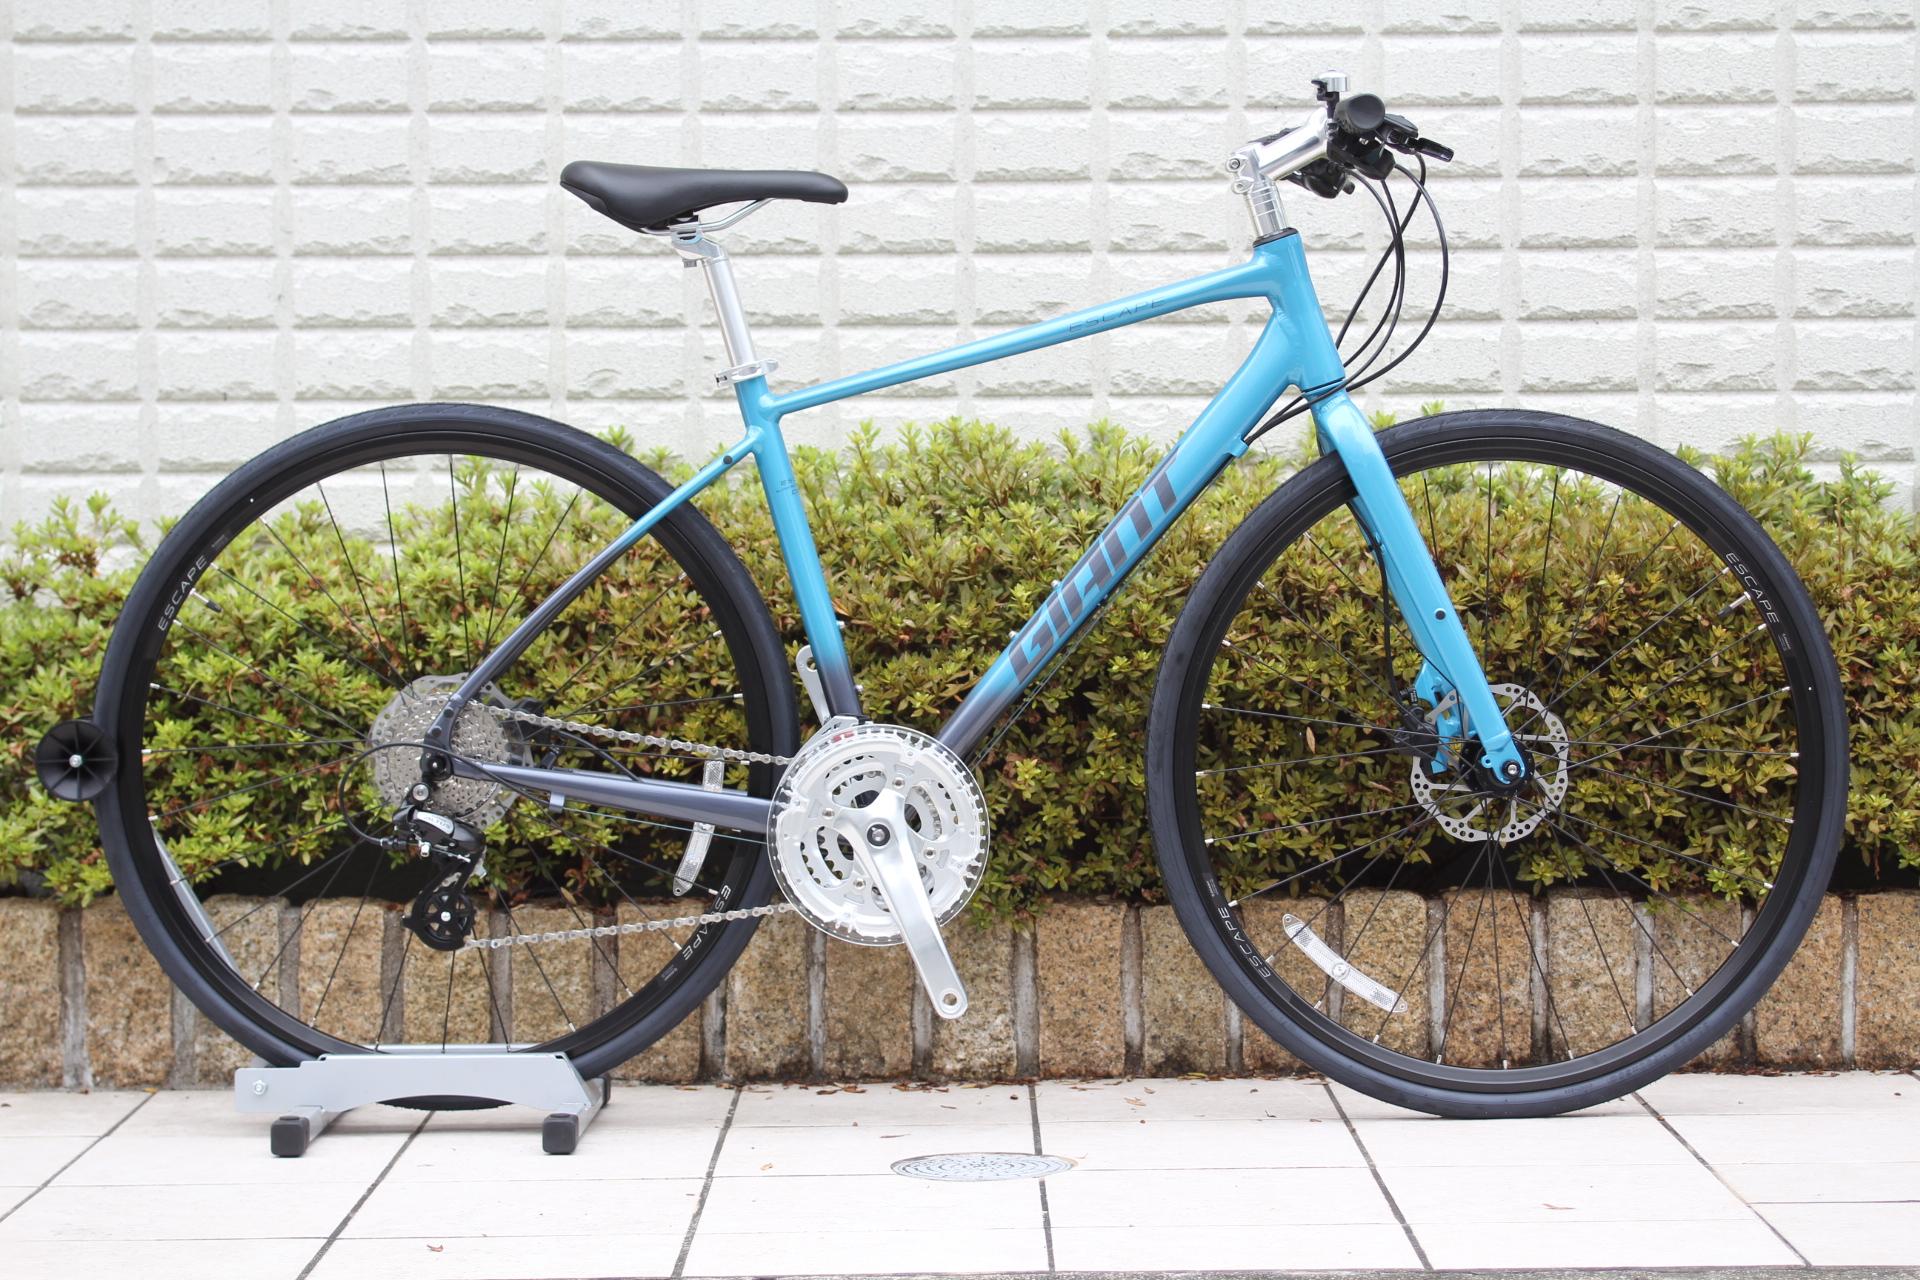 GIANT『Escape R3 disc』雨の日にも自転車に乗るという方にはおすすめの油圧ディスクブレーキモデル